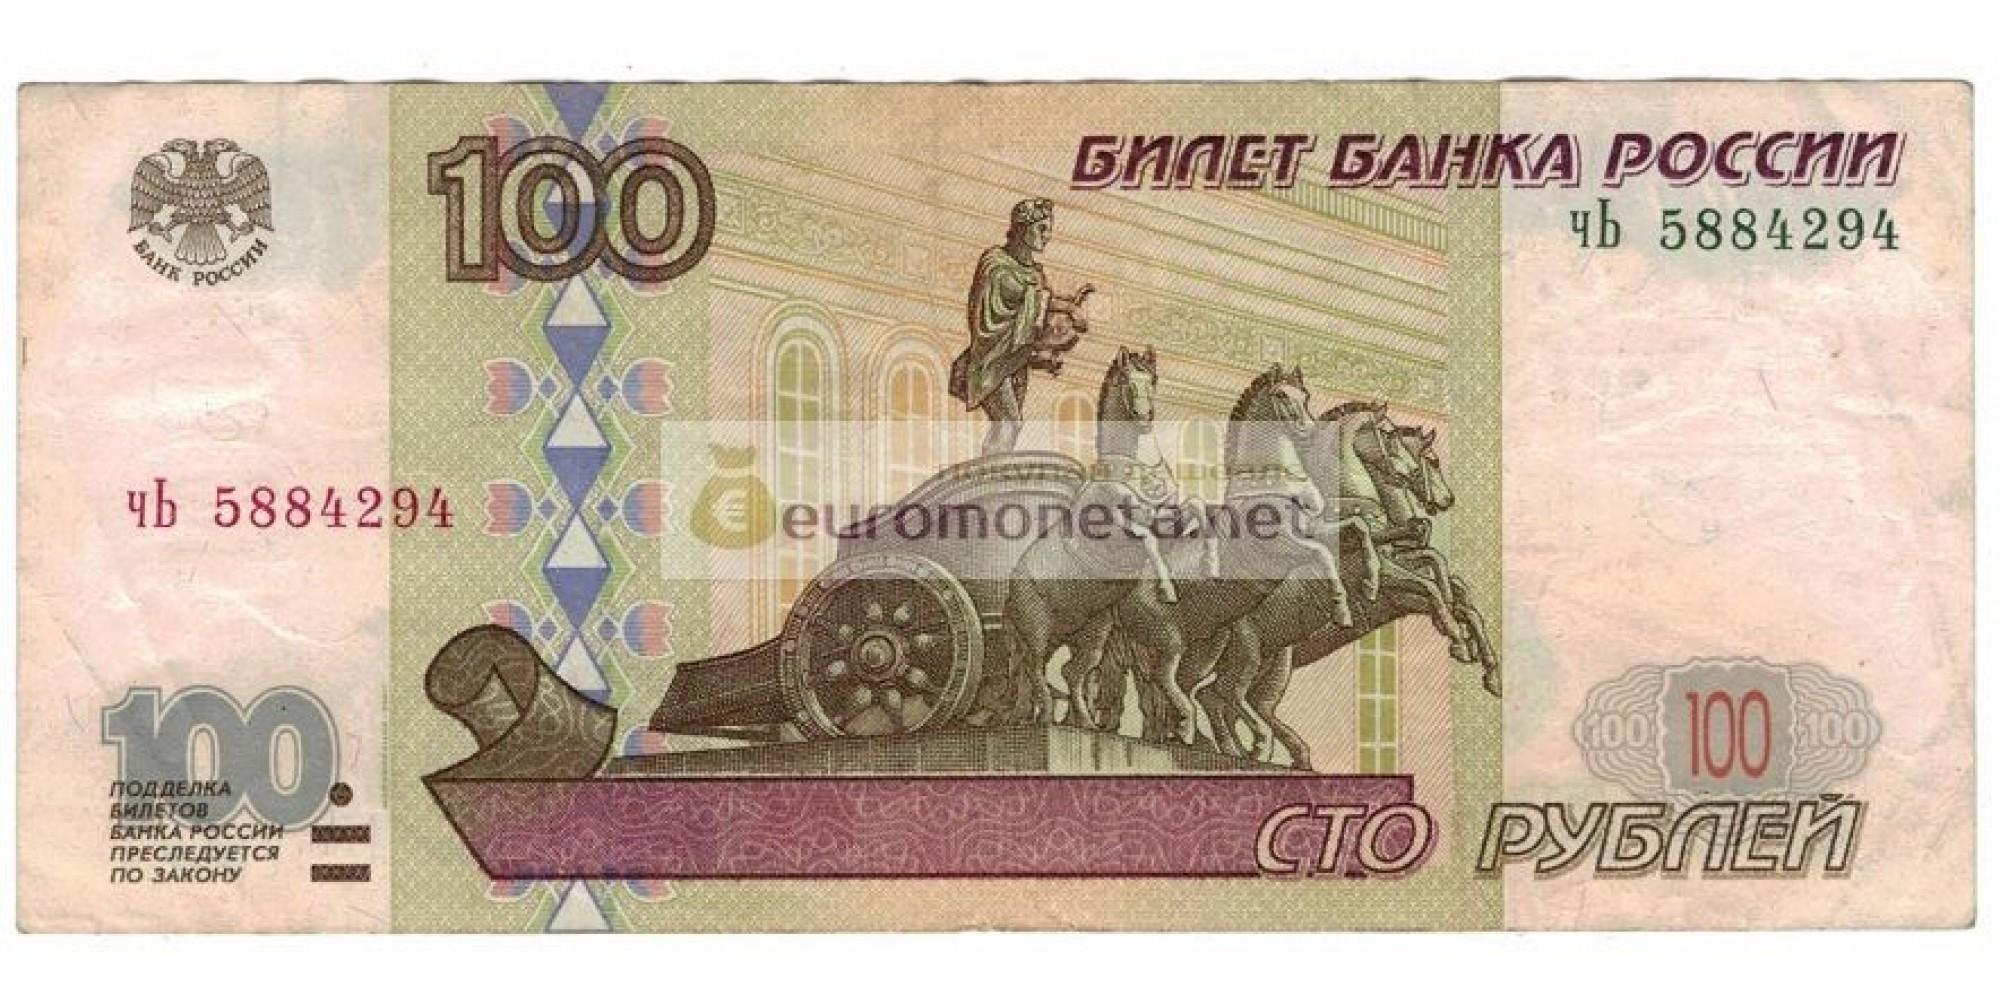 Россия 100 рублей 1997 год модификация 2001 год серия чЬ 5884294